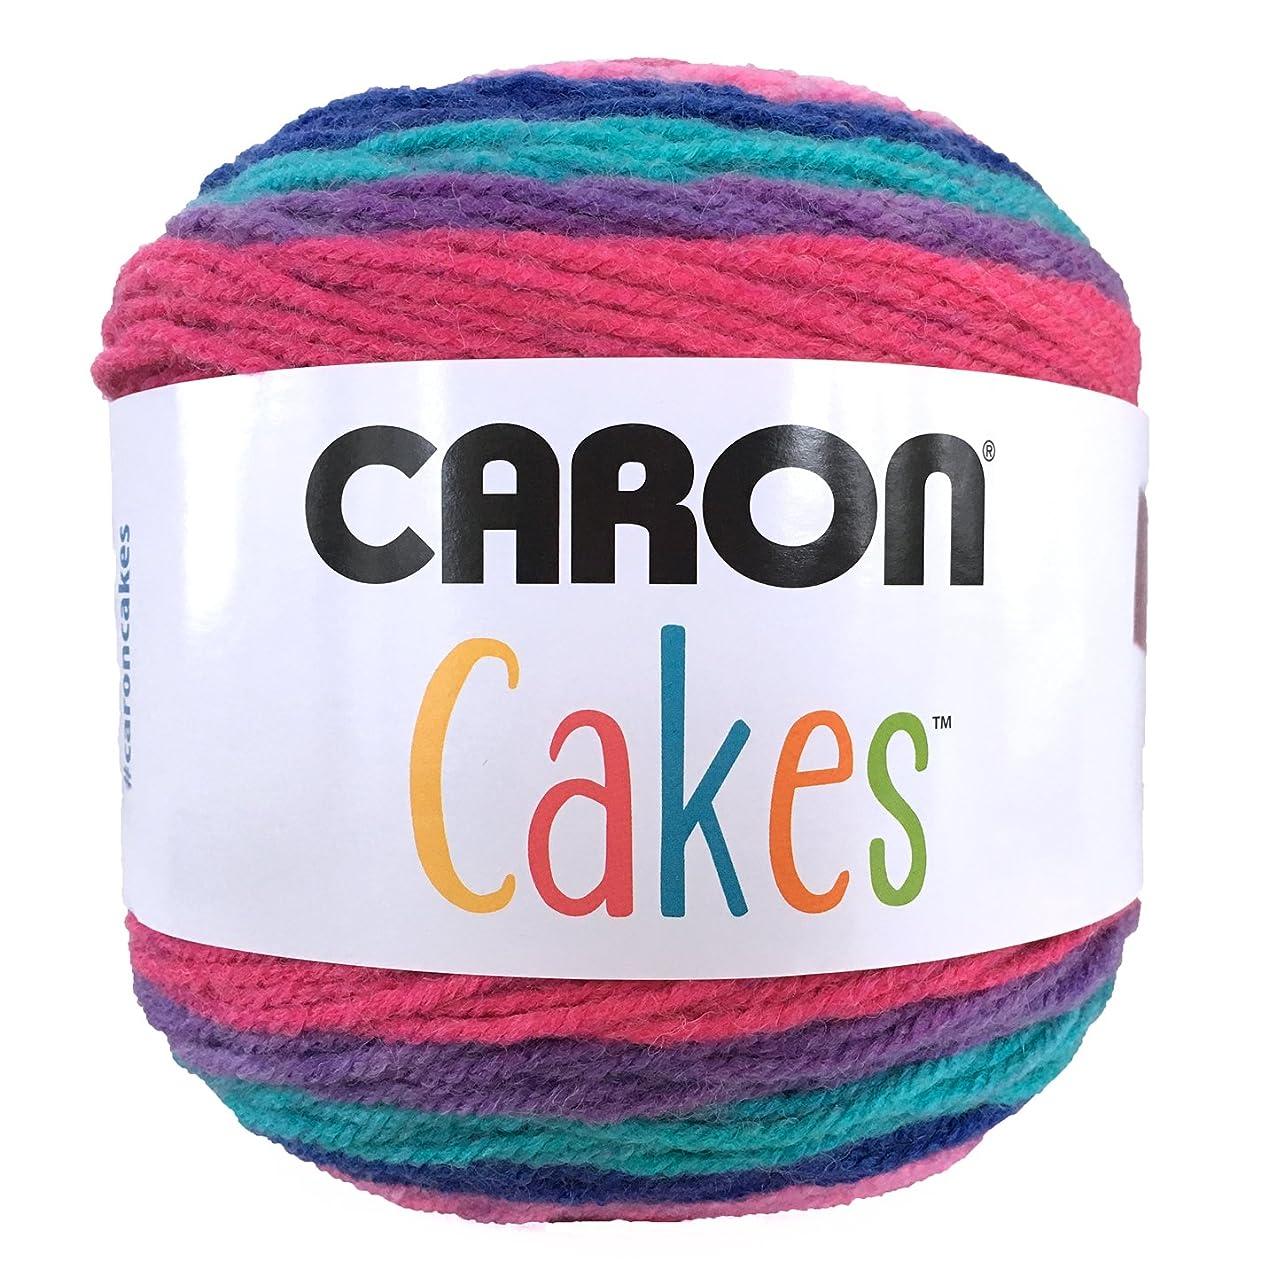 Caron Cake Self Striping Yarn 1 Ball Mixed Berry 7.1 ounces iayqlazcagcpw977